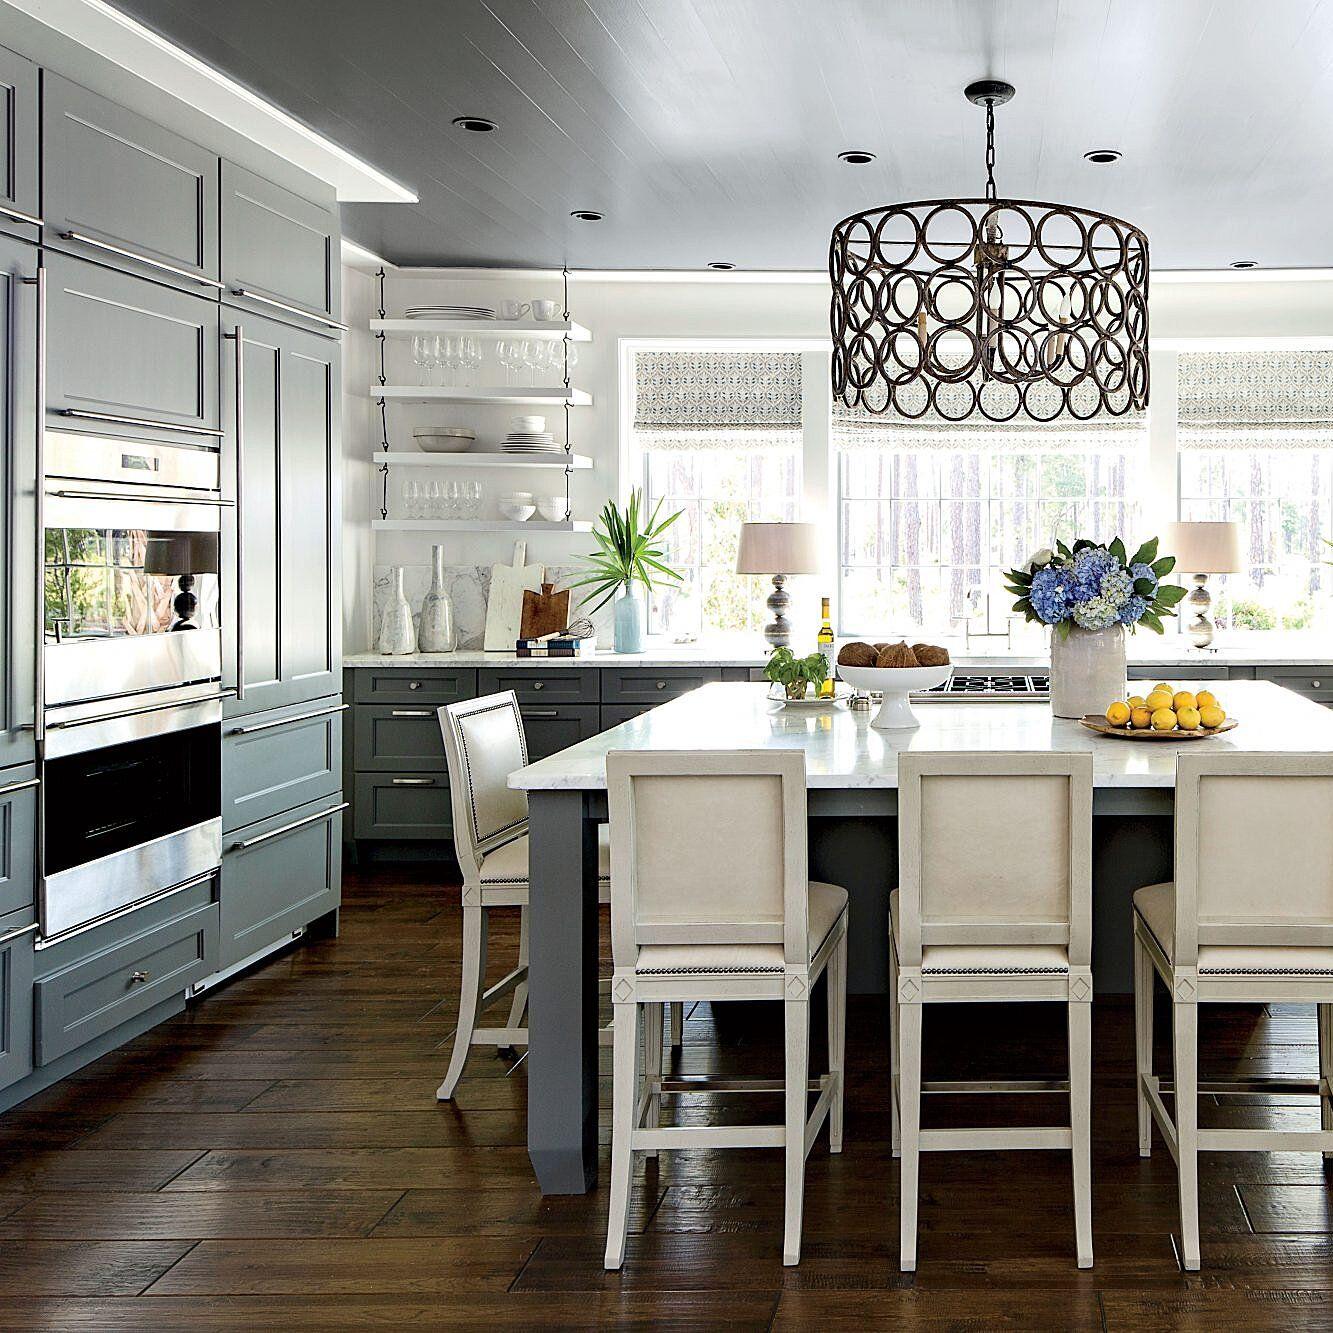 Palmetto Bluff Idea House Photo Tour In 2020 Southern Living Kitchen Southern Living Homes Kitchen Remodel